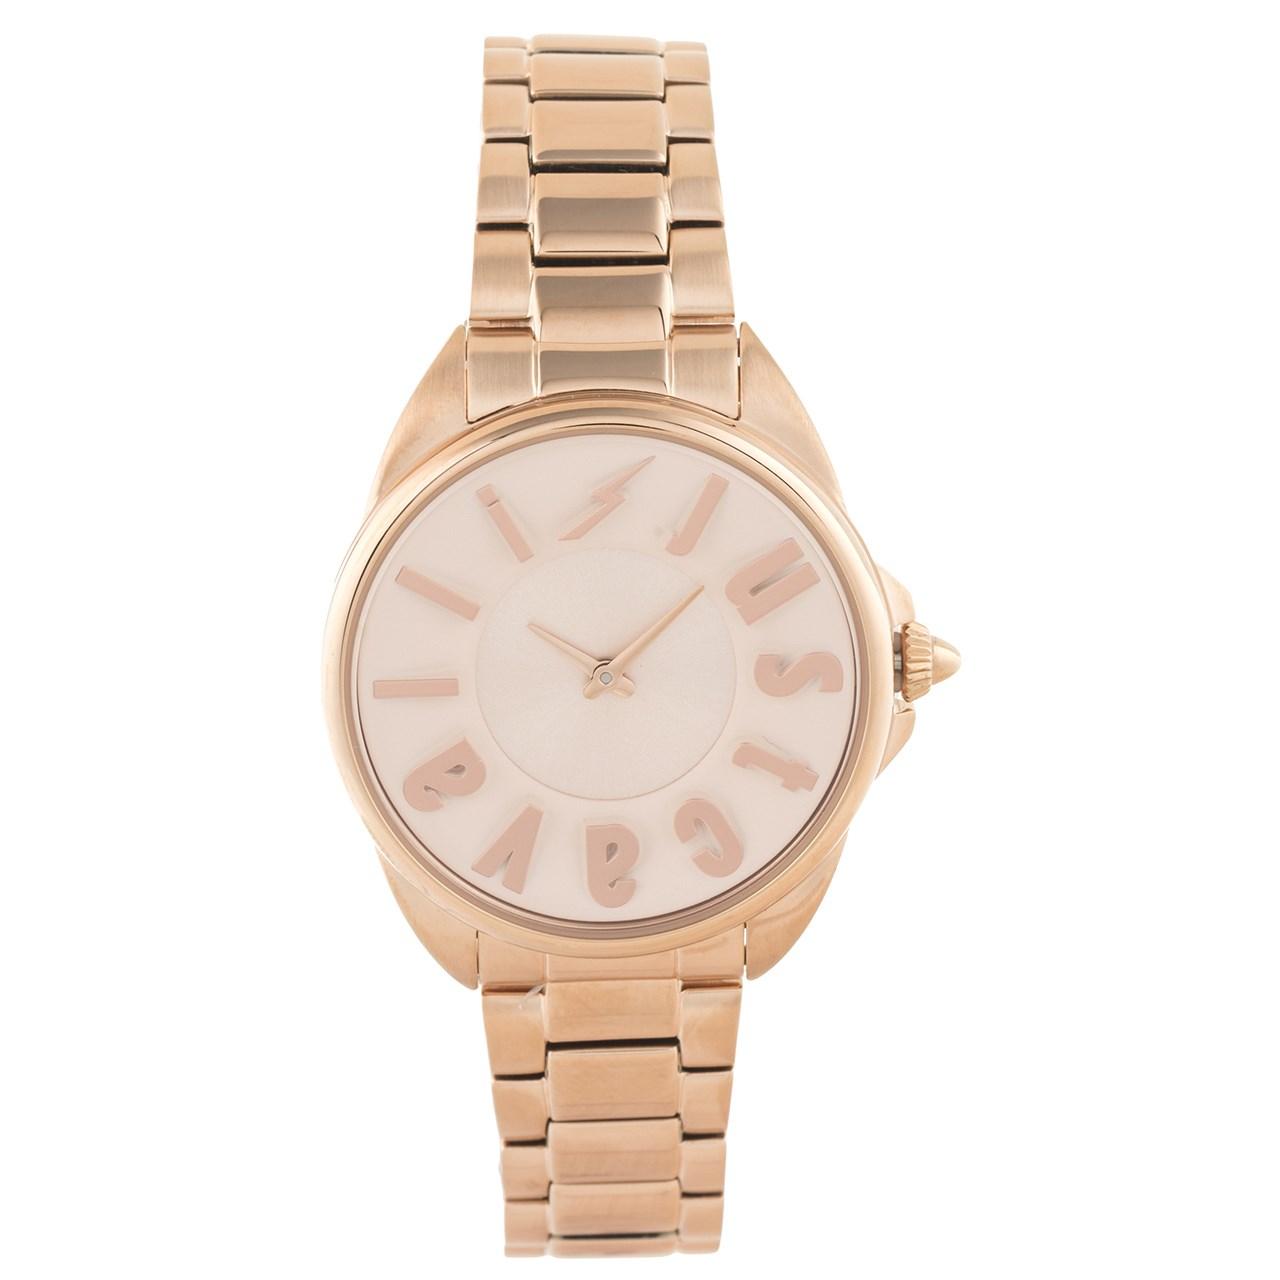 خرید ساعت مچی عقربه ای زنانه جاست کاوالی مدل JC1L008M0095